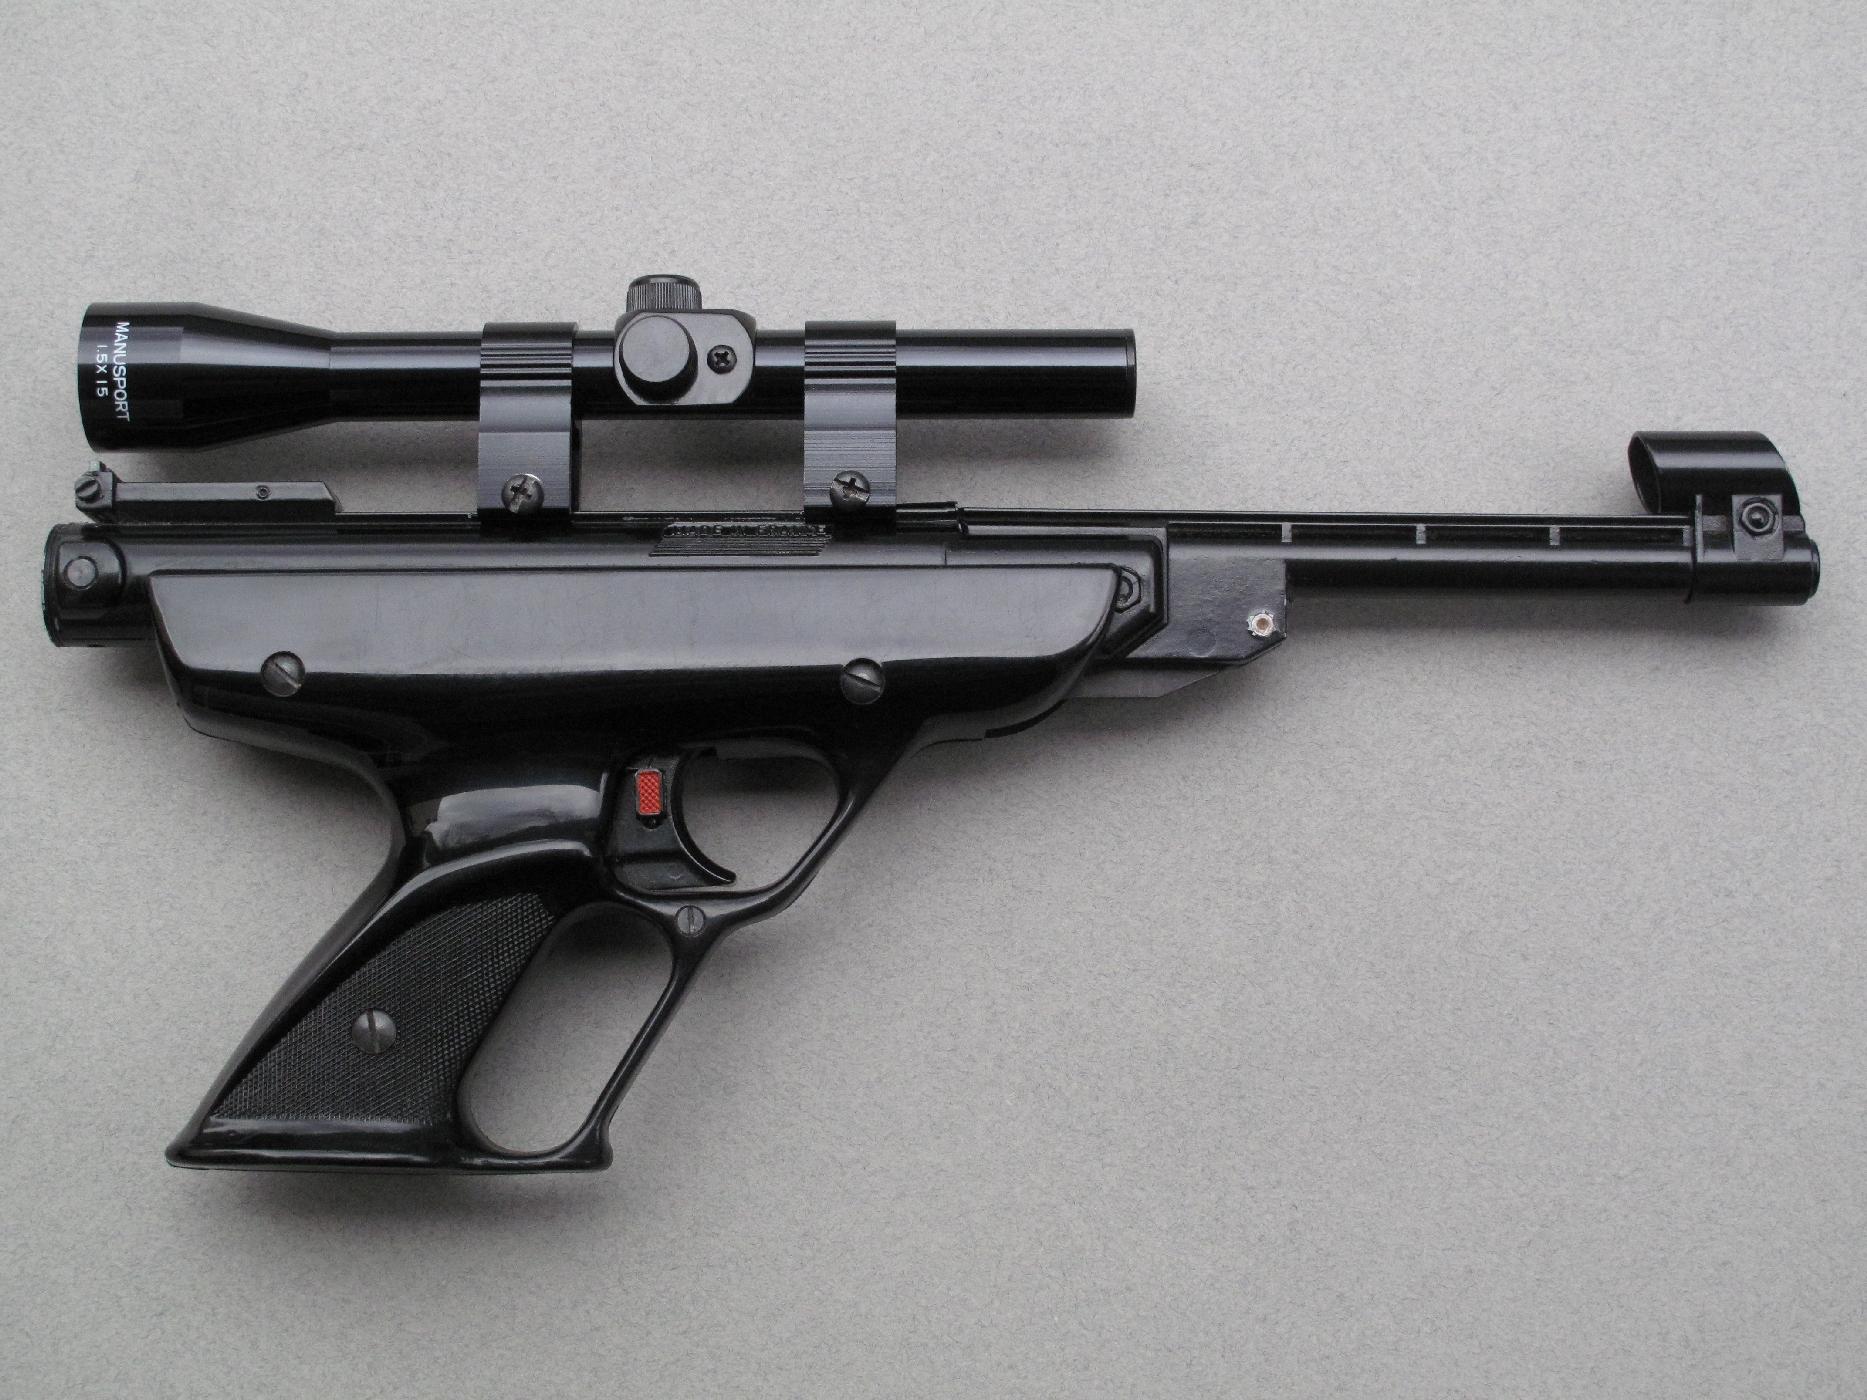 Pistolet Manu-Arm modèle Manusport dans sa livrée noire, équipé d'une lunette Manusport 1,5 x 15 dont l'œilleton est conçu pour une observation à bout de bras. On notera que l'œilleton de la lunette Manusport ne possède pas de réglage dioptrique, ce qui la rend encore plus compacte que la lunette Manu-Arm destinée elle-aussi aux armes de poing.